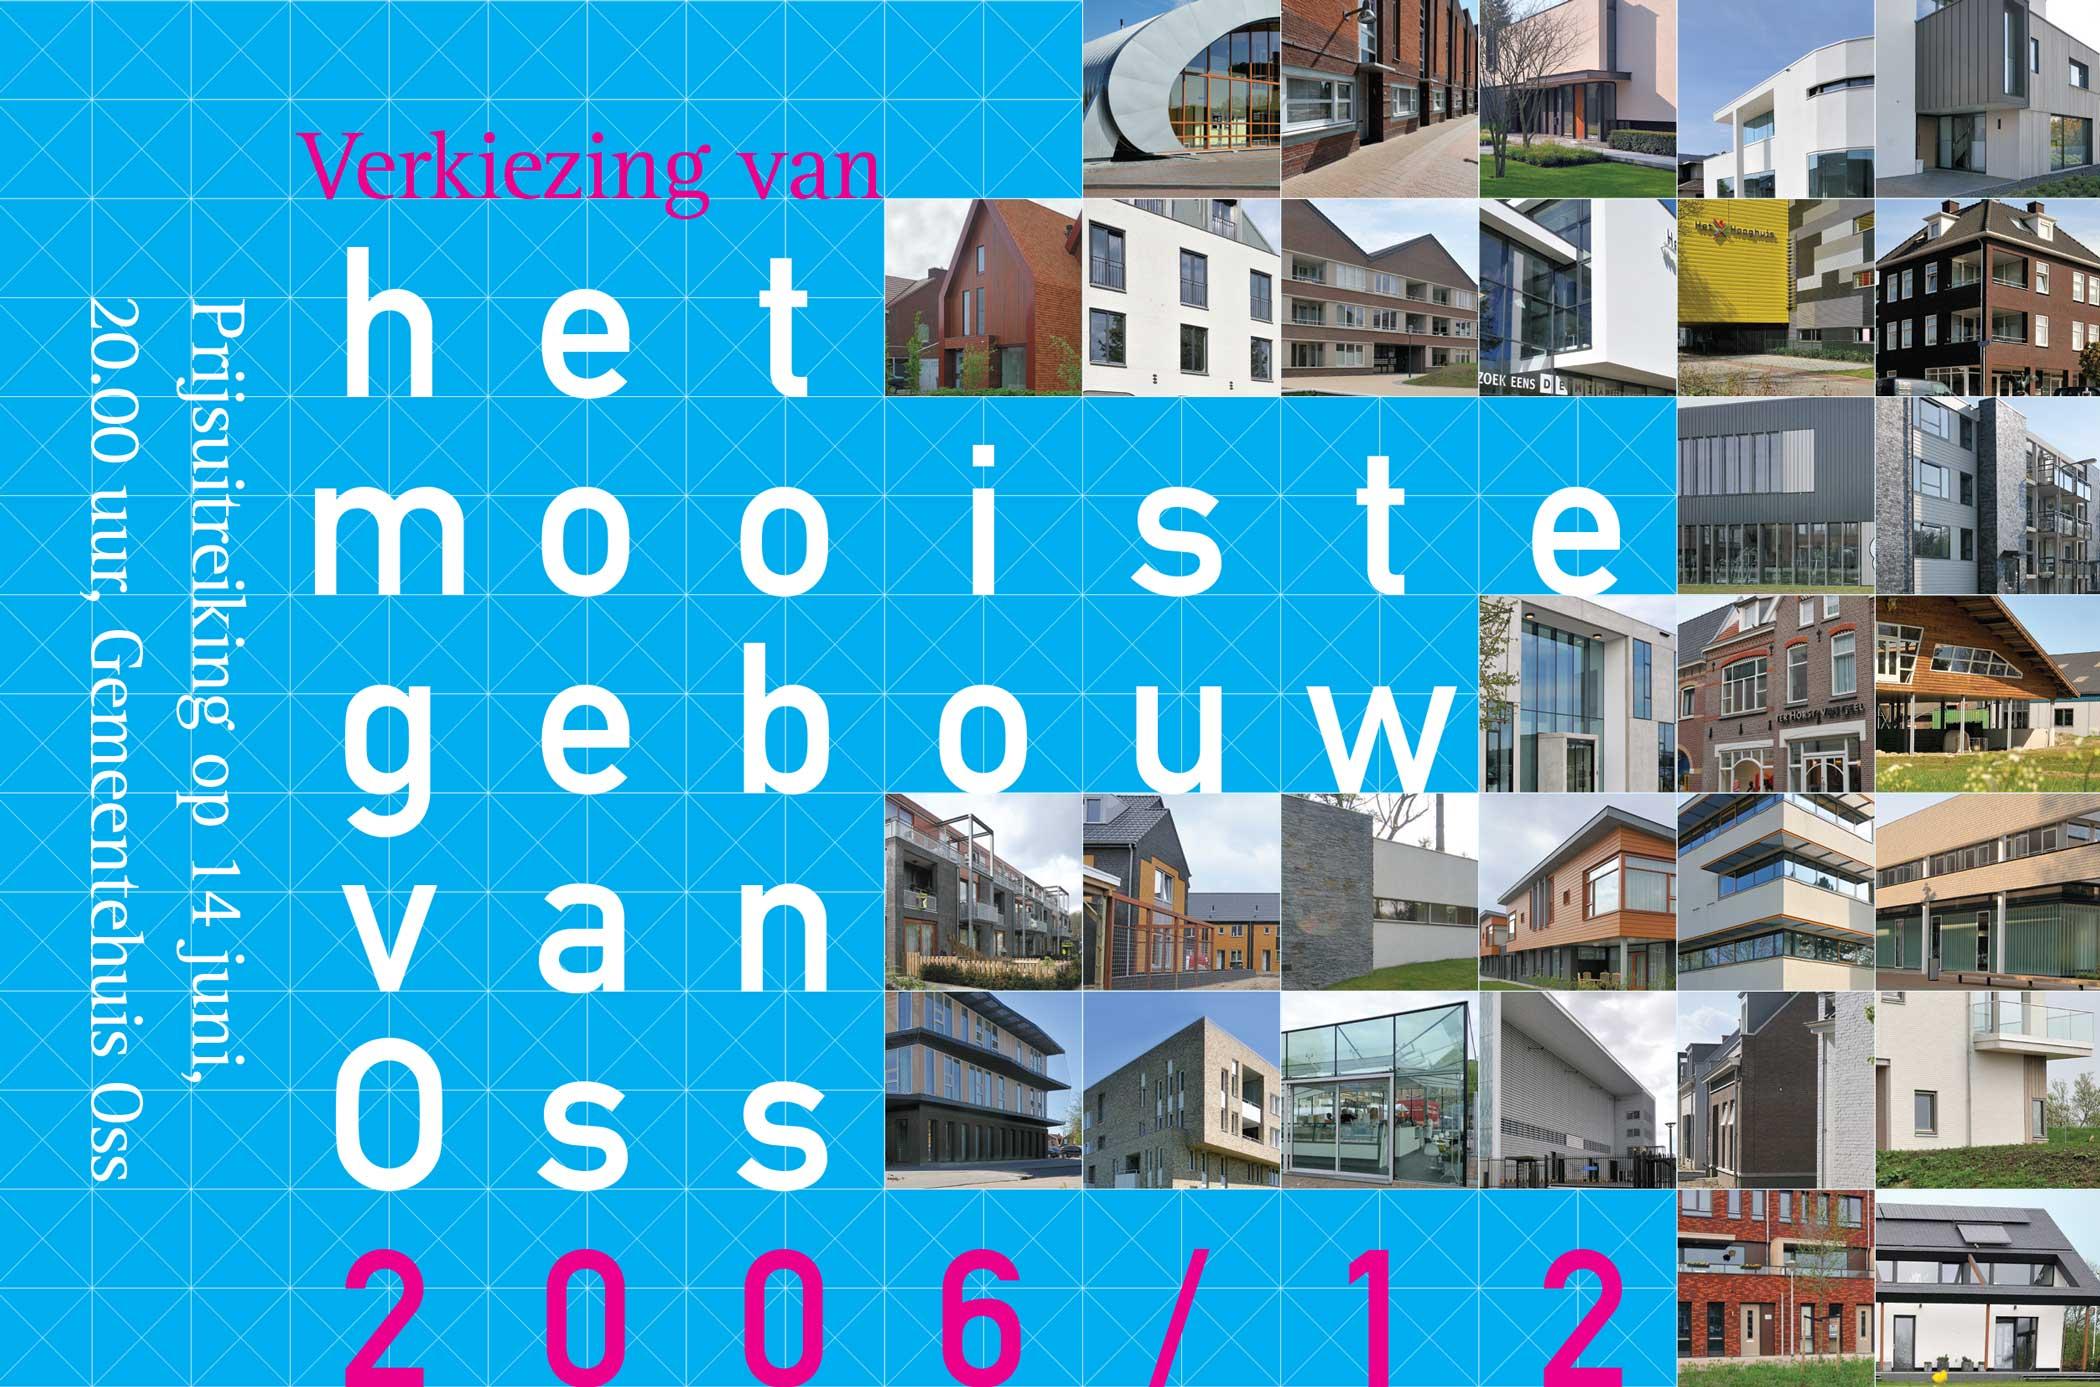 Het Mooiste Gebouw van Oss 2006-2012